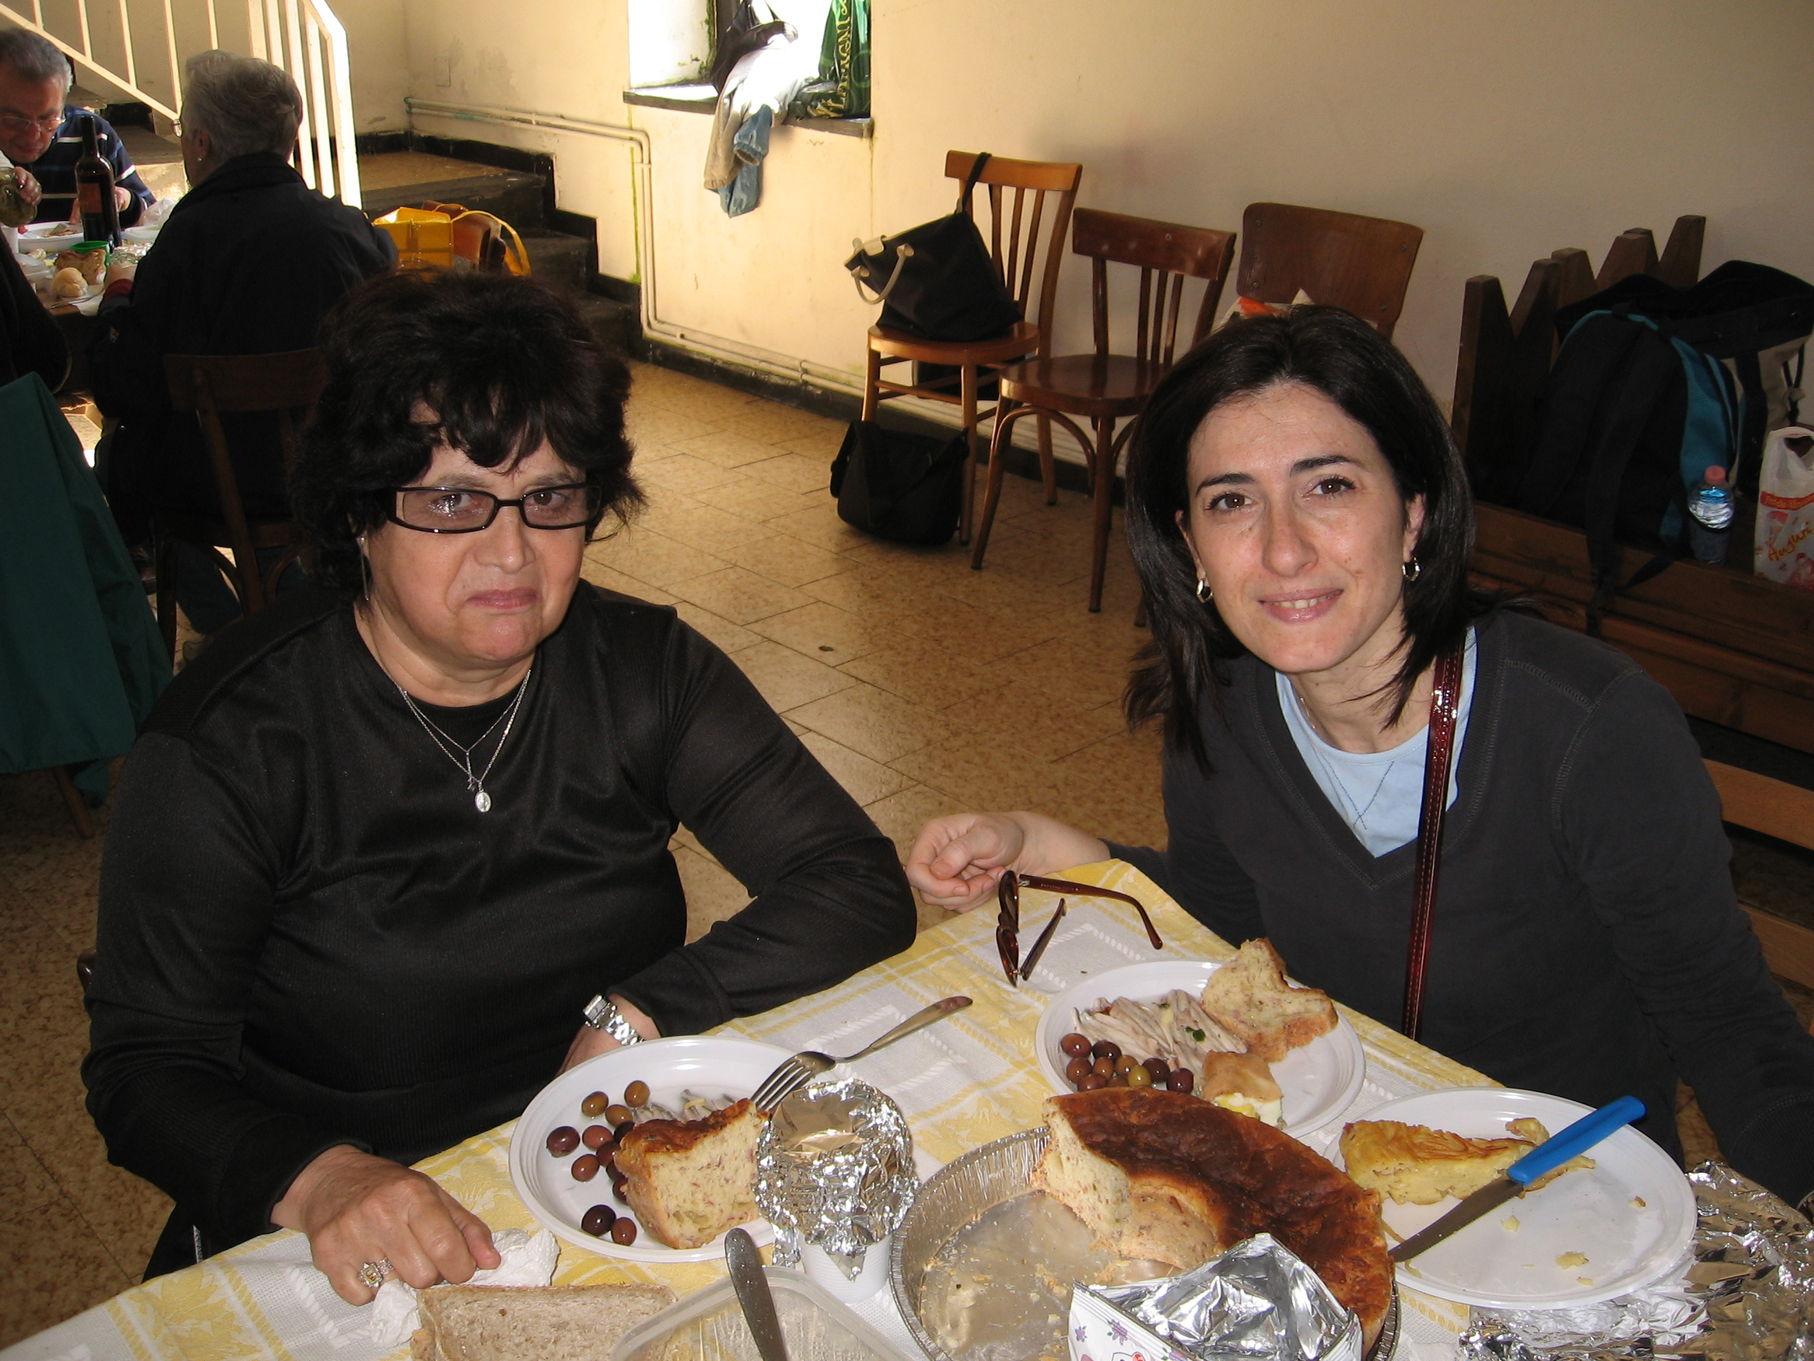 Montallegro-2009-04-13--12.26.58.jpg